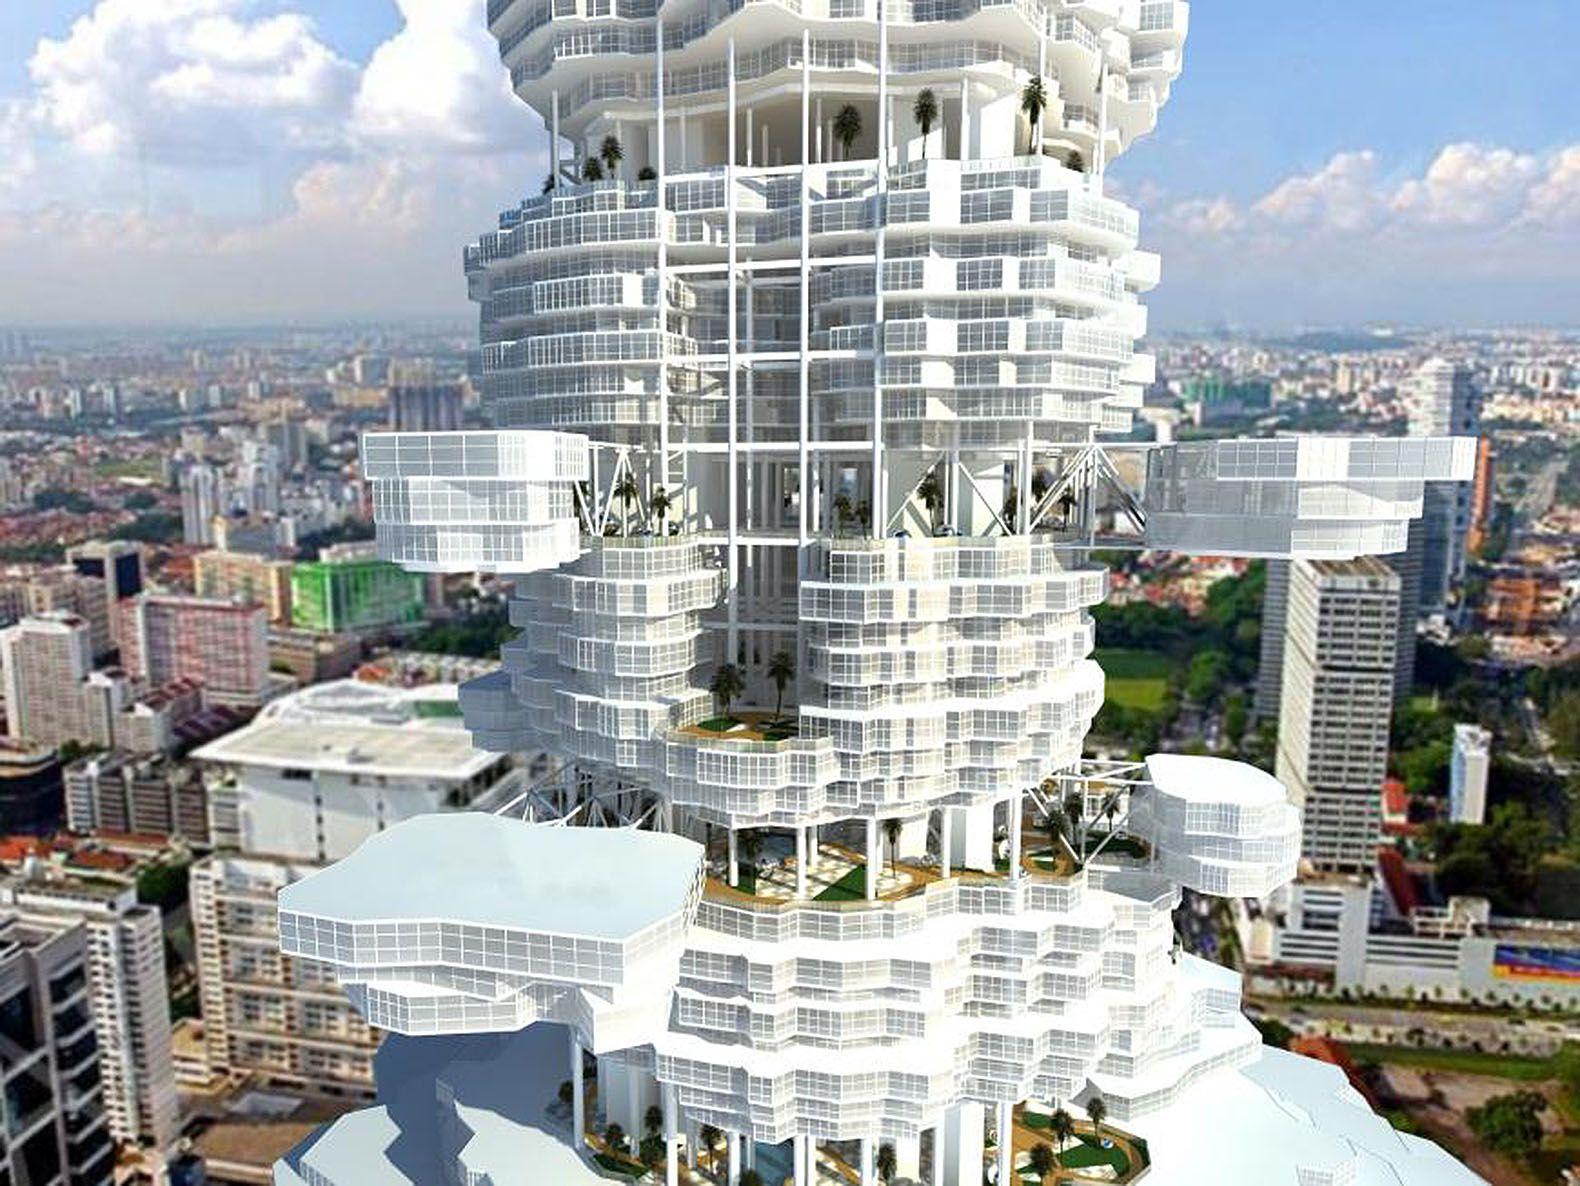 Futuristic Cloud City Skyscraper Bring Dream Of